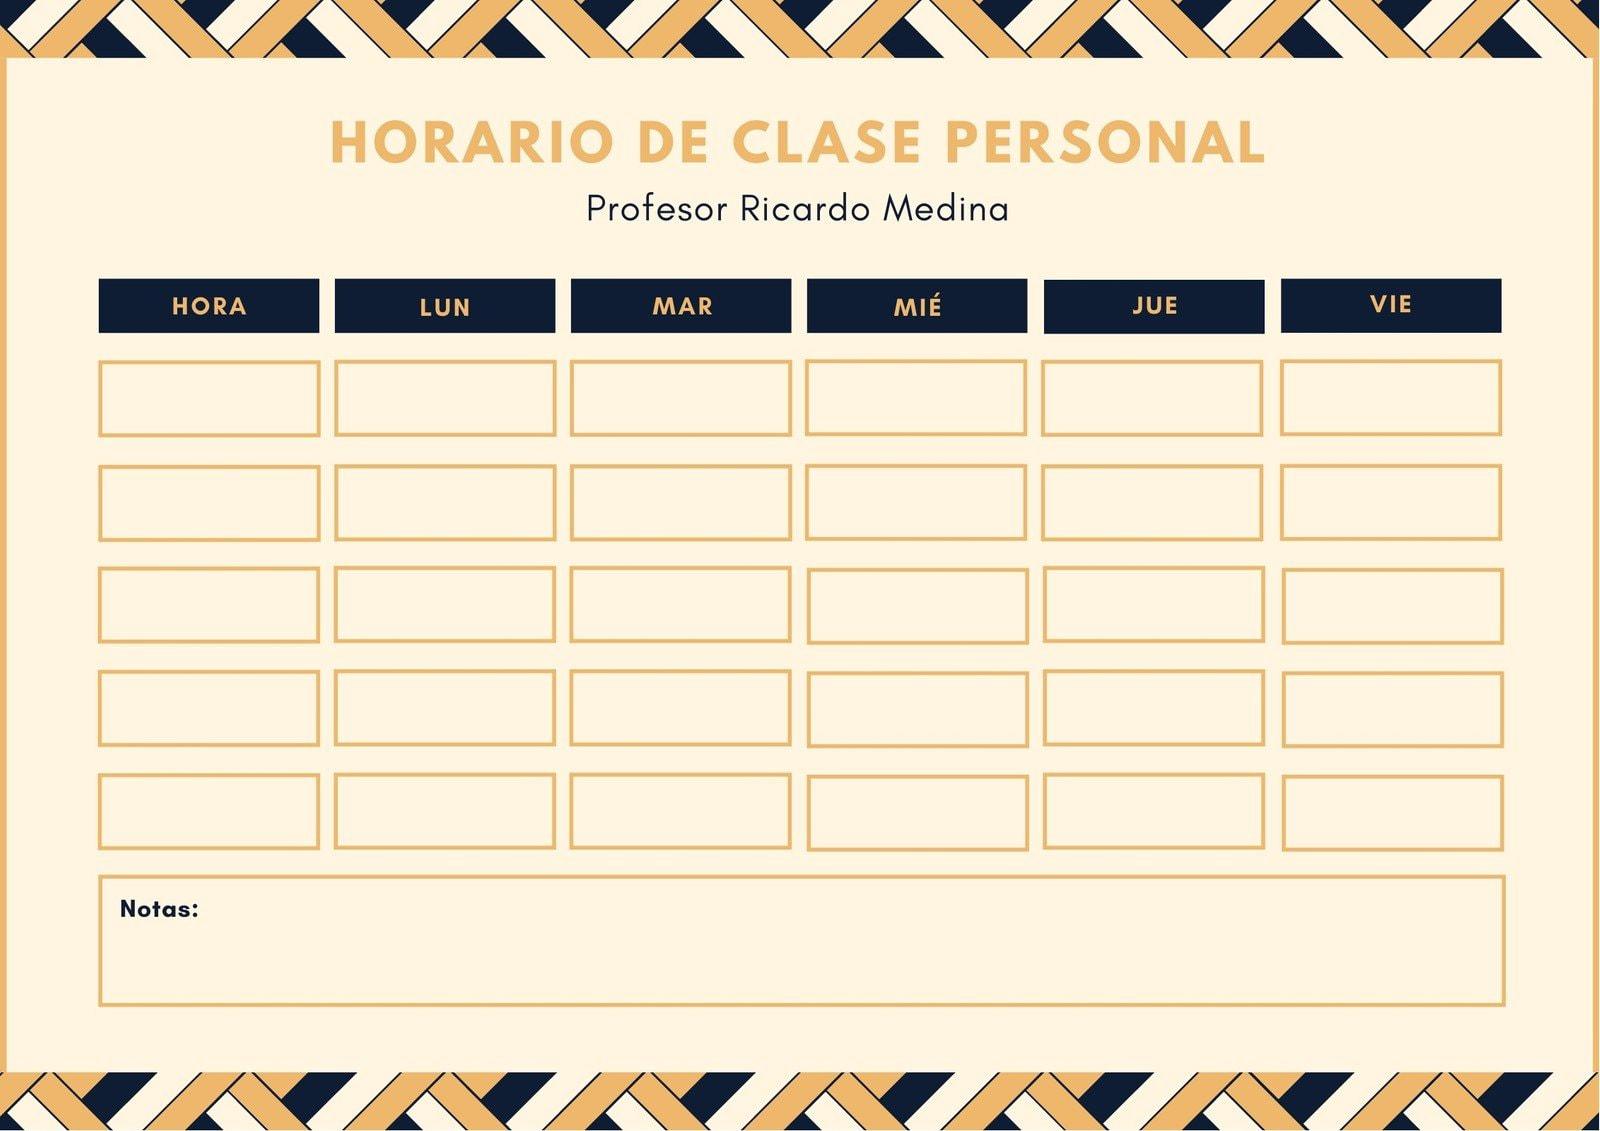 Geométrico Estampado Profesor Horario de Clase Amarillo y Azul Oscuro Calendario